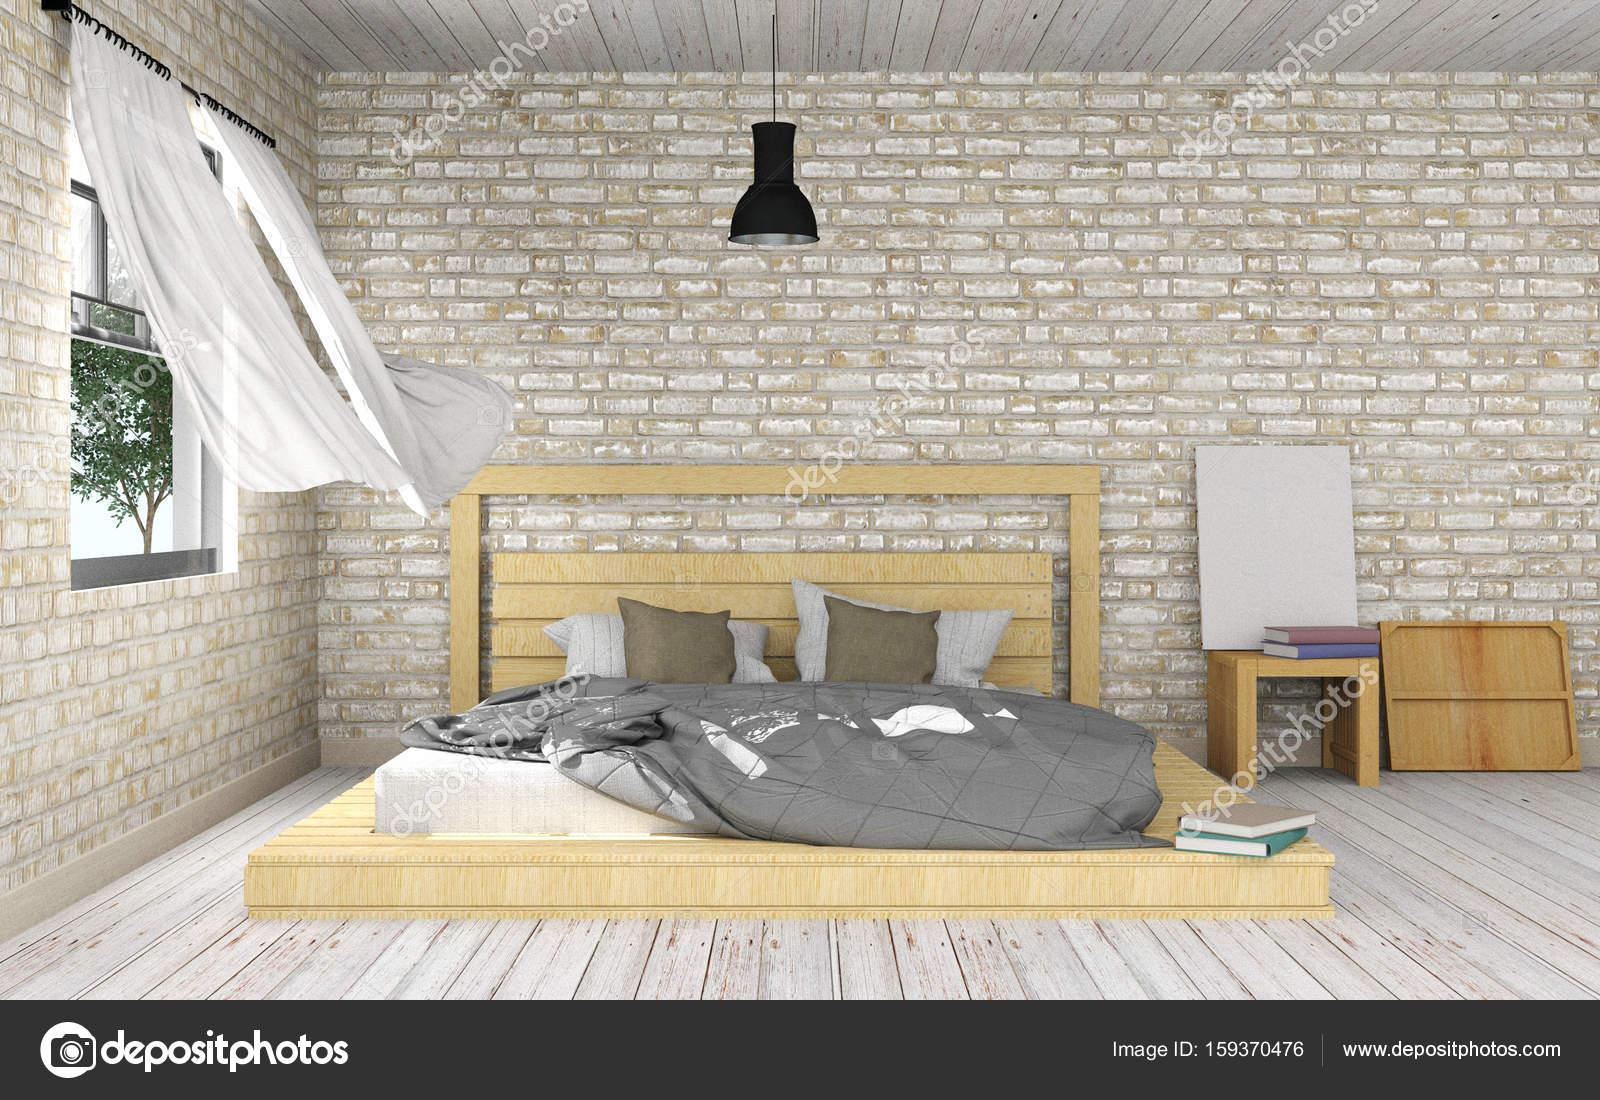 Biała Sypialnia Nowoczesna Minimalistyczna Wnętrze